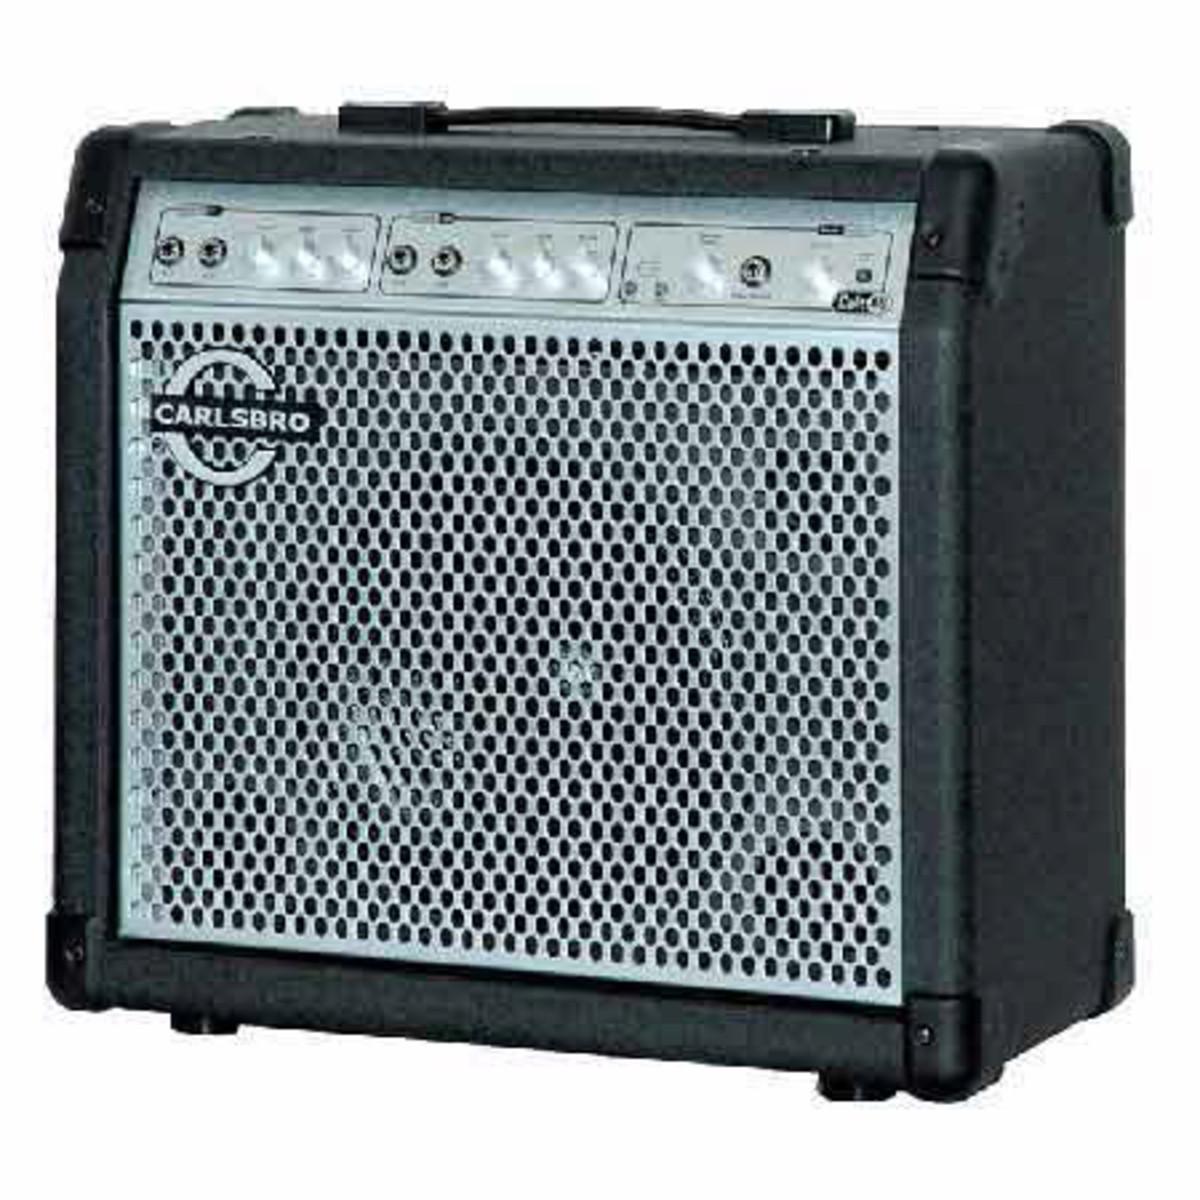 carlsbro colt 40 keyboard amplifier at gear4music. Black Bedroom Furniture Sets. Home Design Ideas